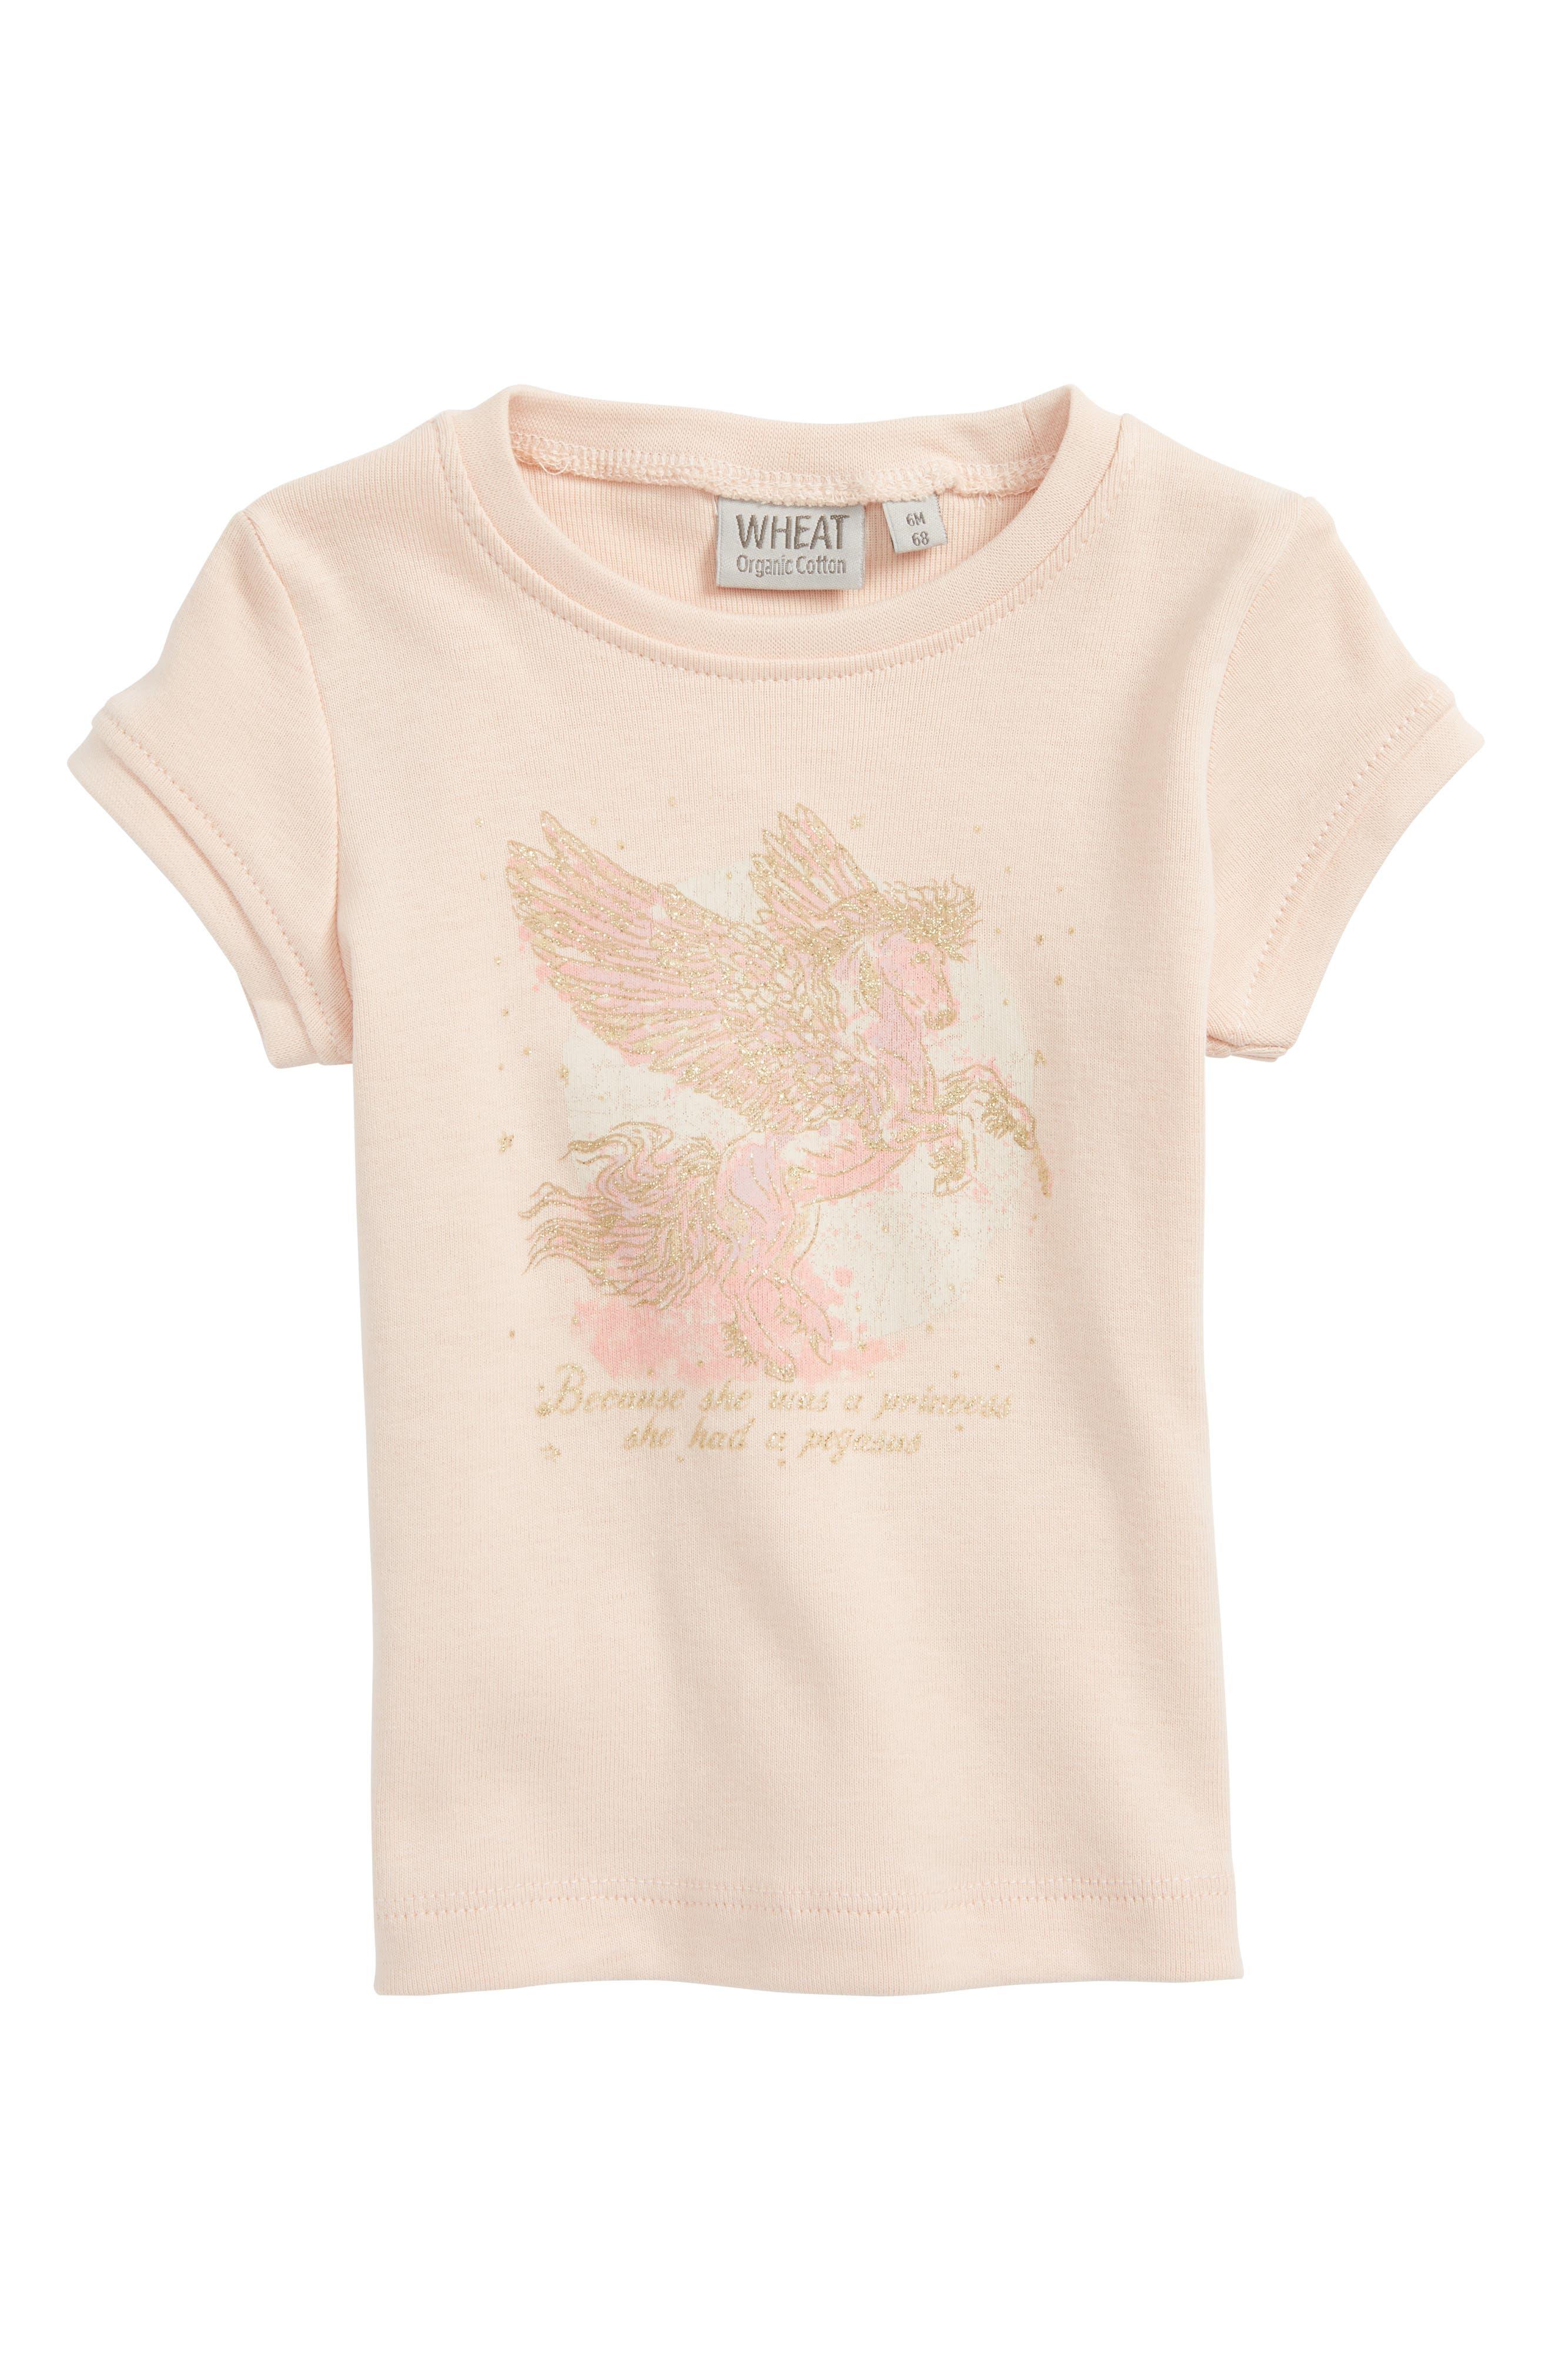 Wheat Pegasus Organic Cotton Tee (Baby Girls & Toddler Girls)